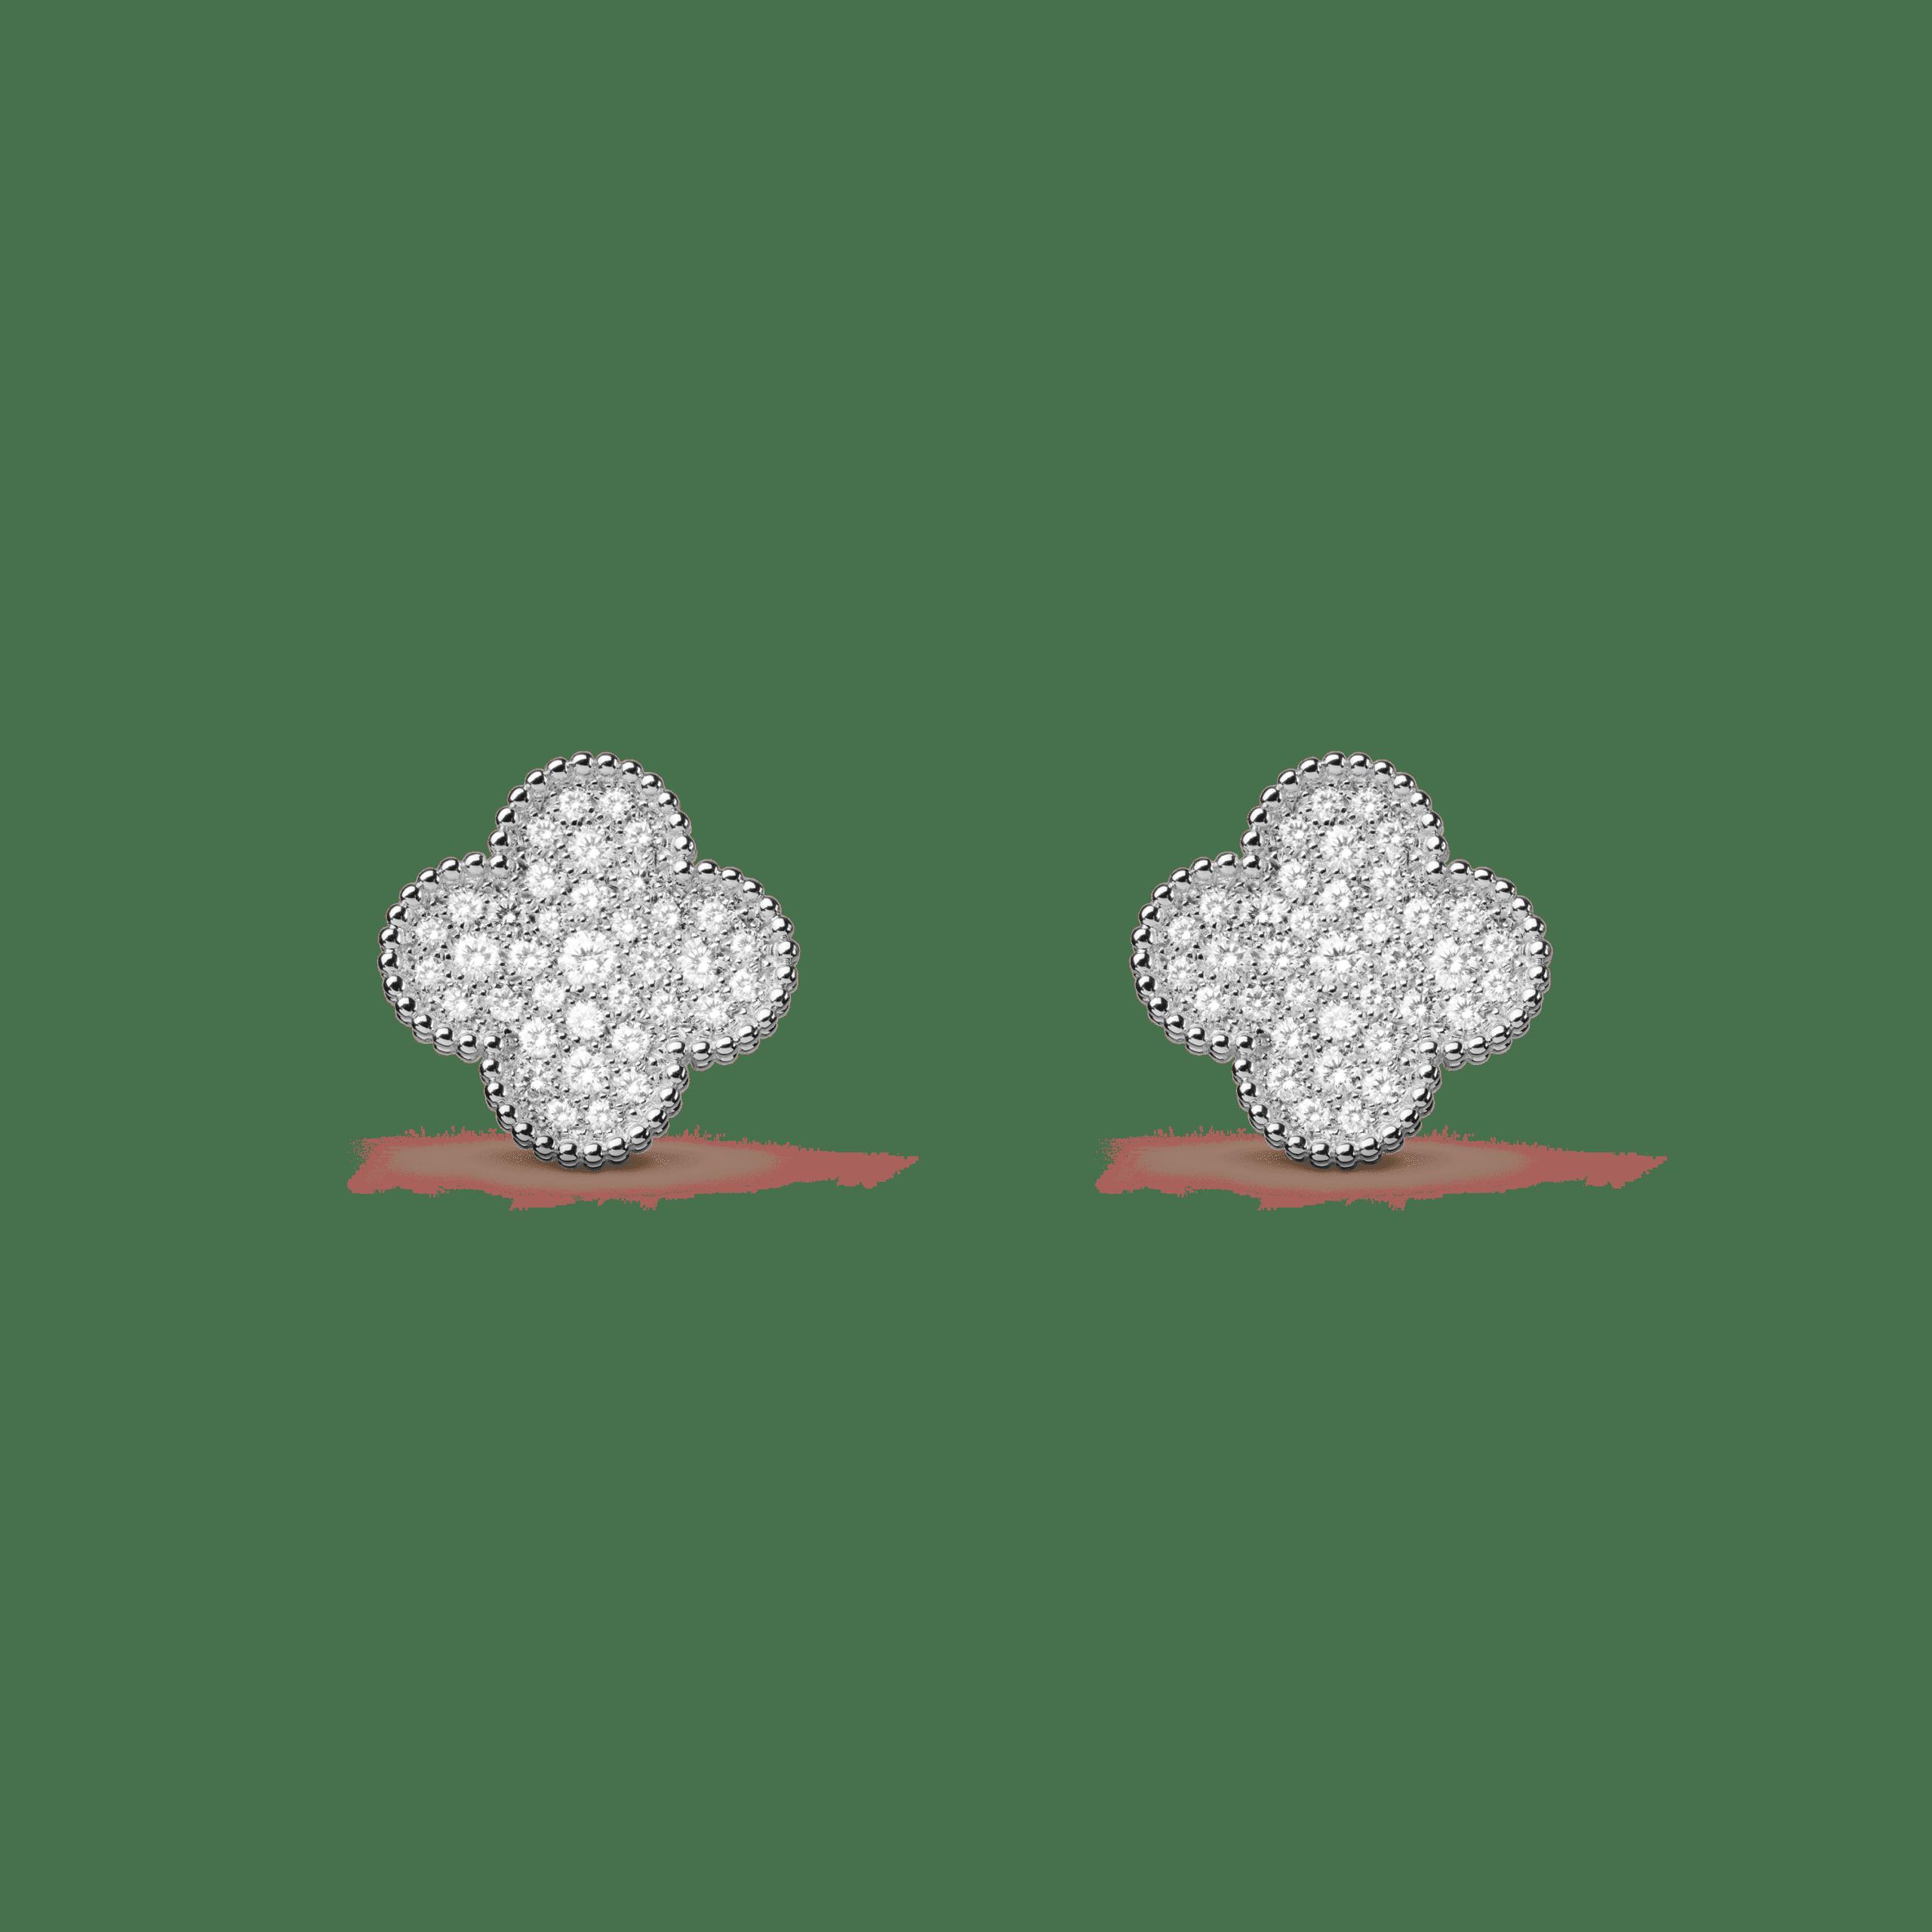 Серьги Van Cleef & Arpels Magic Alhambra. Белое золото и бриллианты